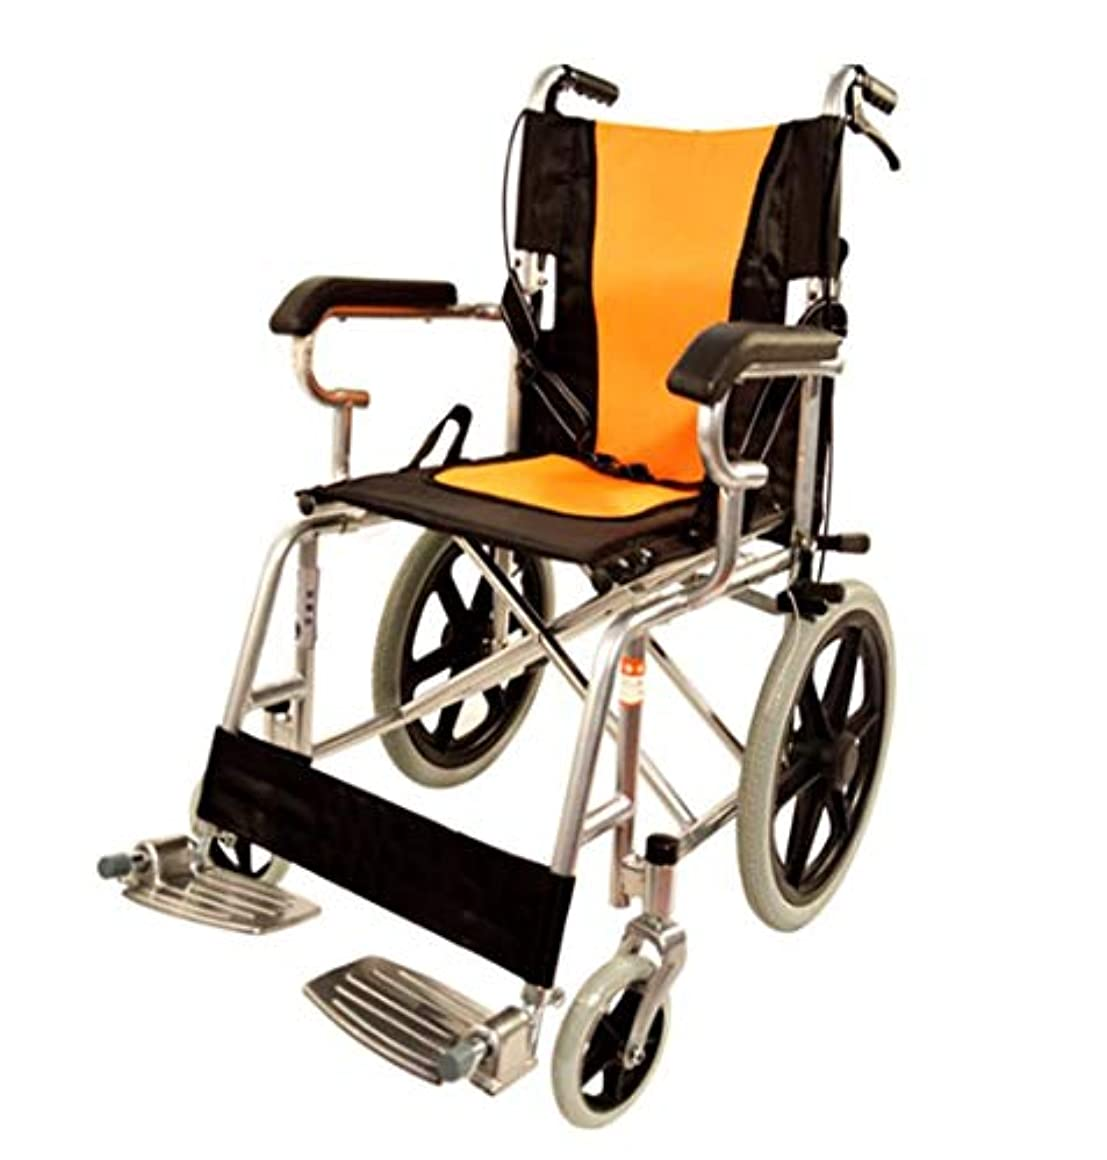 迅速インスタンス組み合わせ手動車椅子折り畳み式ポータブル高齢者車椅子厚手無効車椅子3D高通気性抗Anti瘡生地ソリッドスノータイヤ